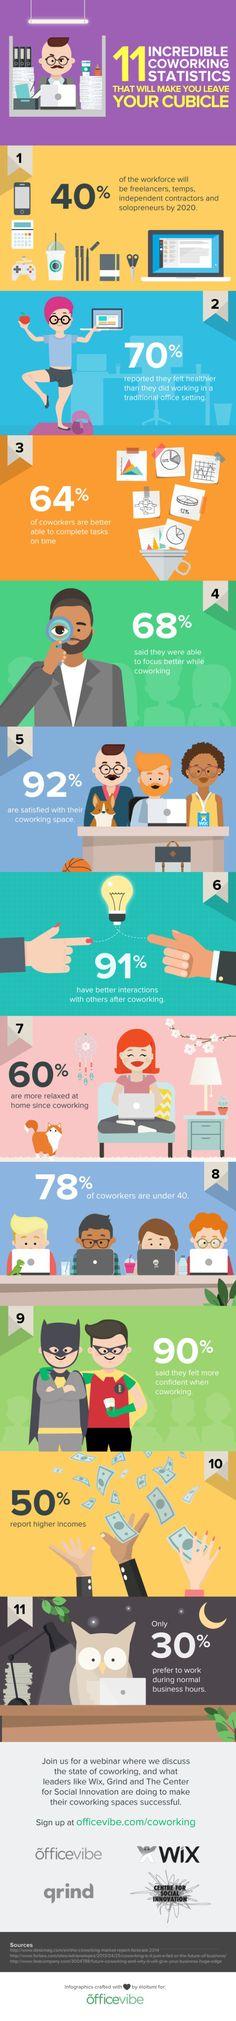 11 estadísticas increíbles sobre coworking